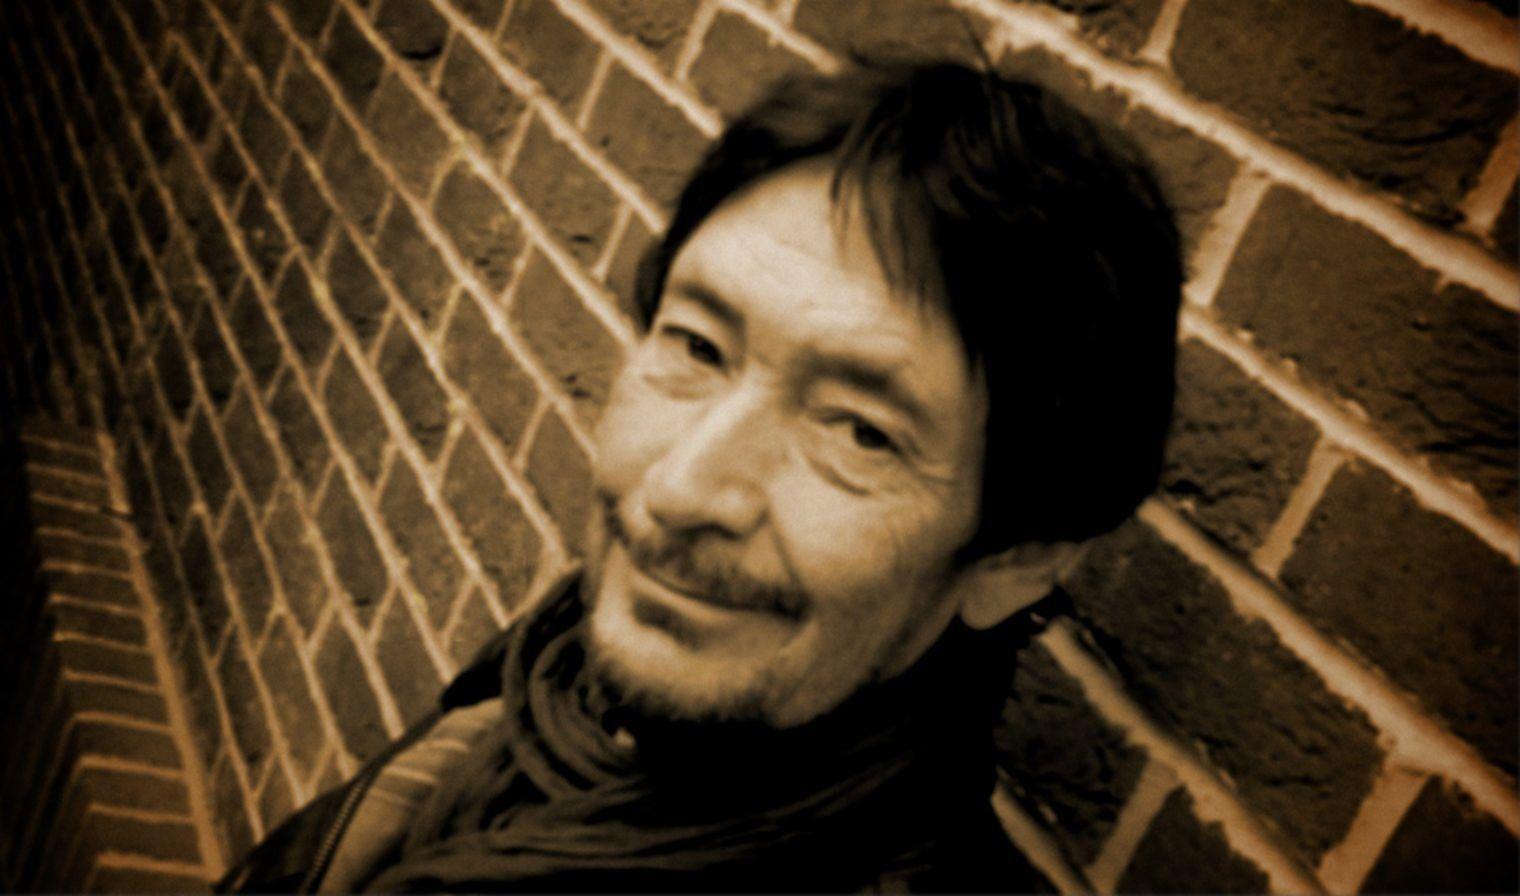 Chris Rea Pressefoto 2011